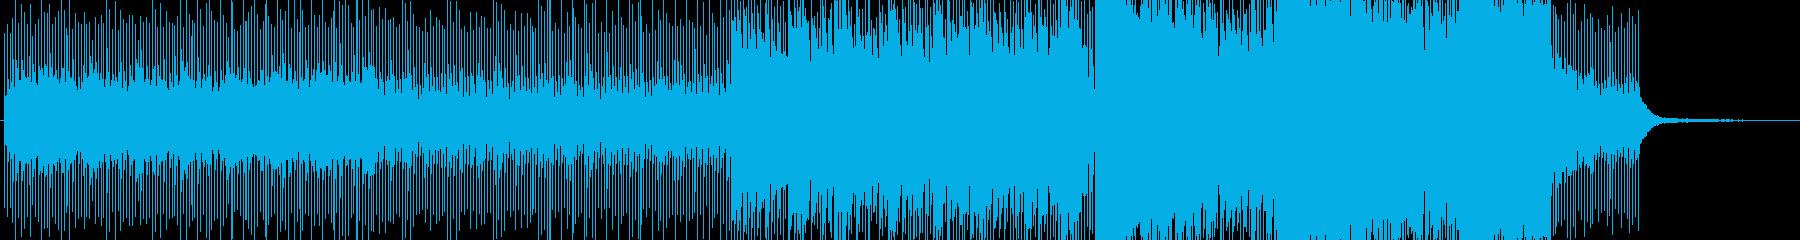 シンキングタイム、ルール説明時のBGMの再生済みの波形